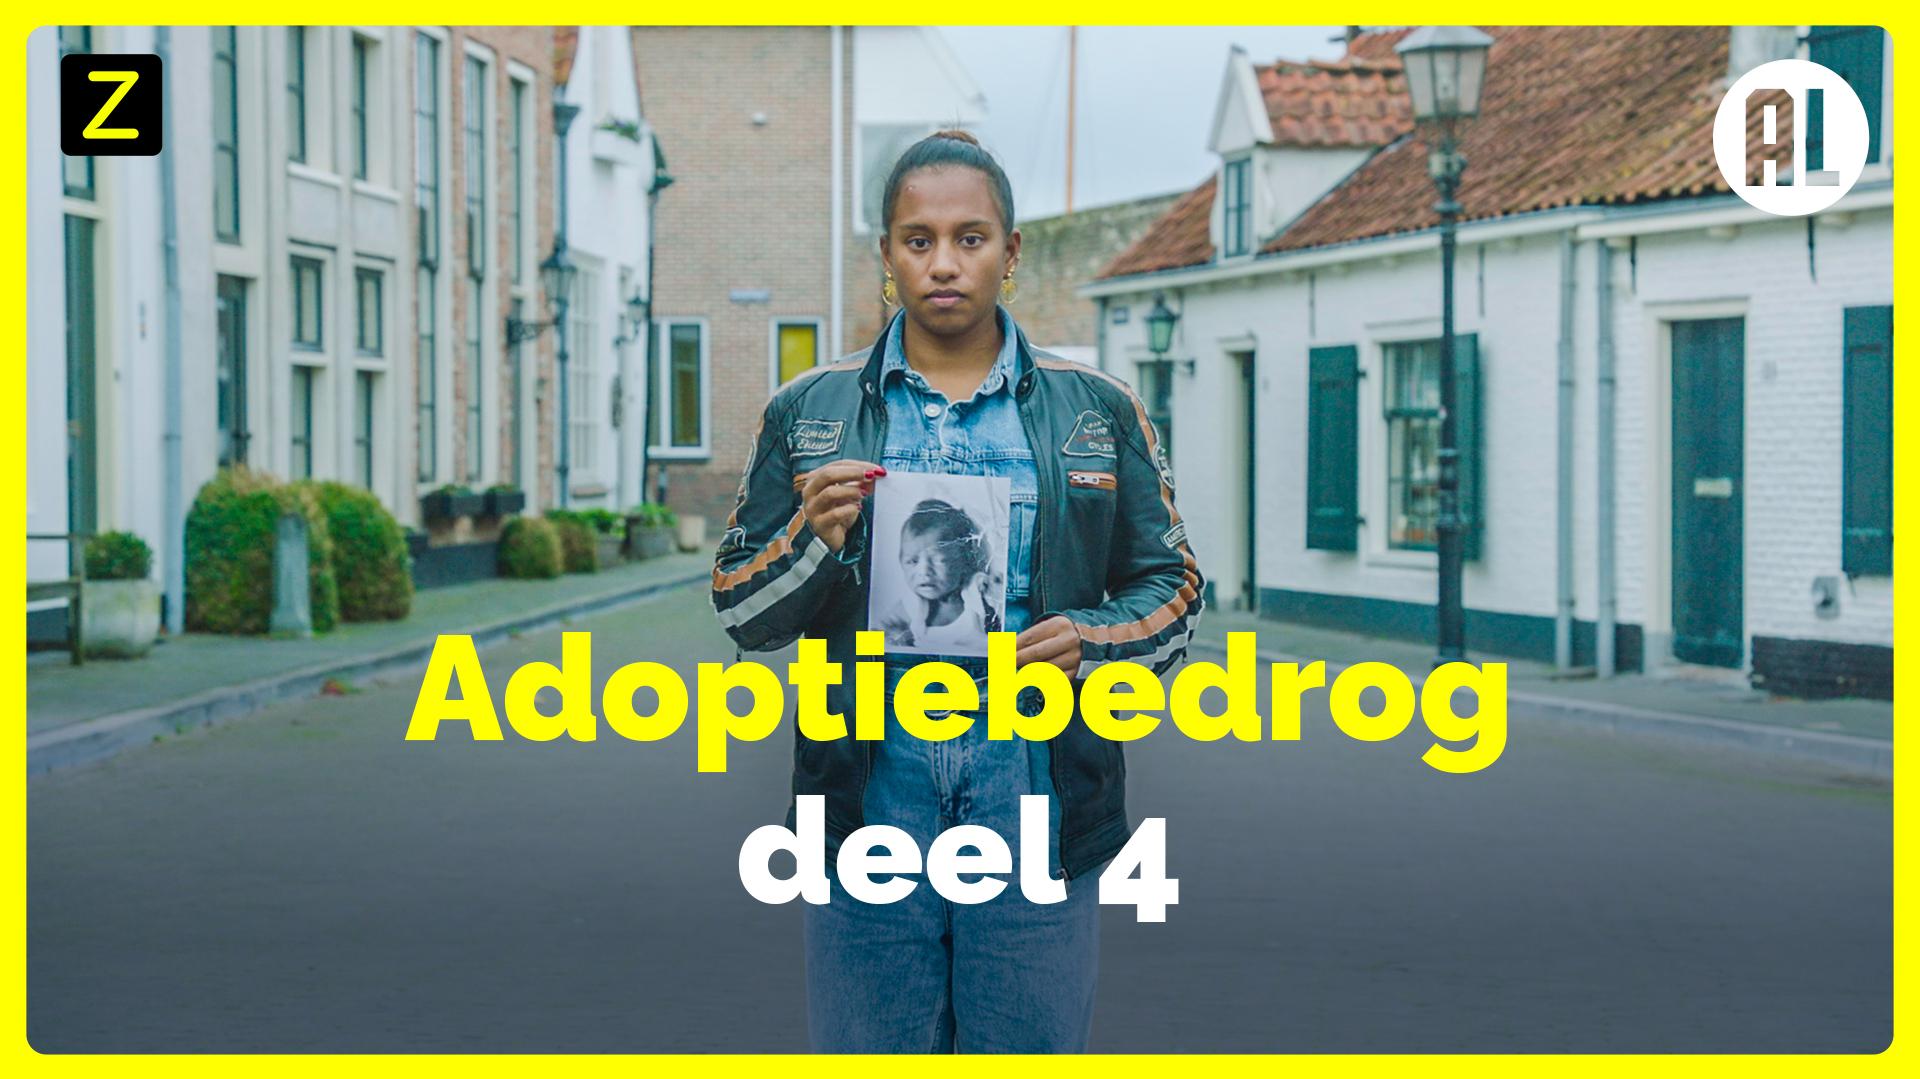 Afbeelding van Zembla - Adoptiebedrog (4)